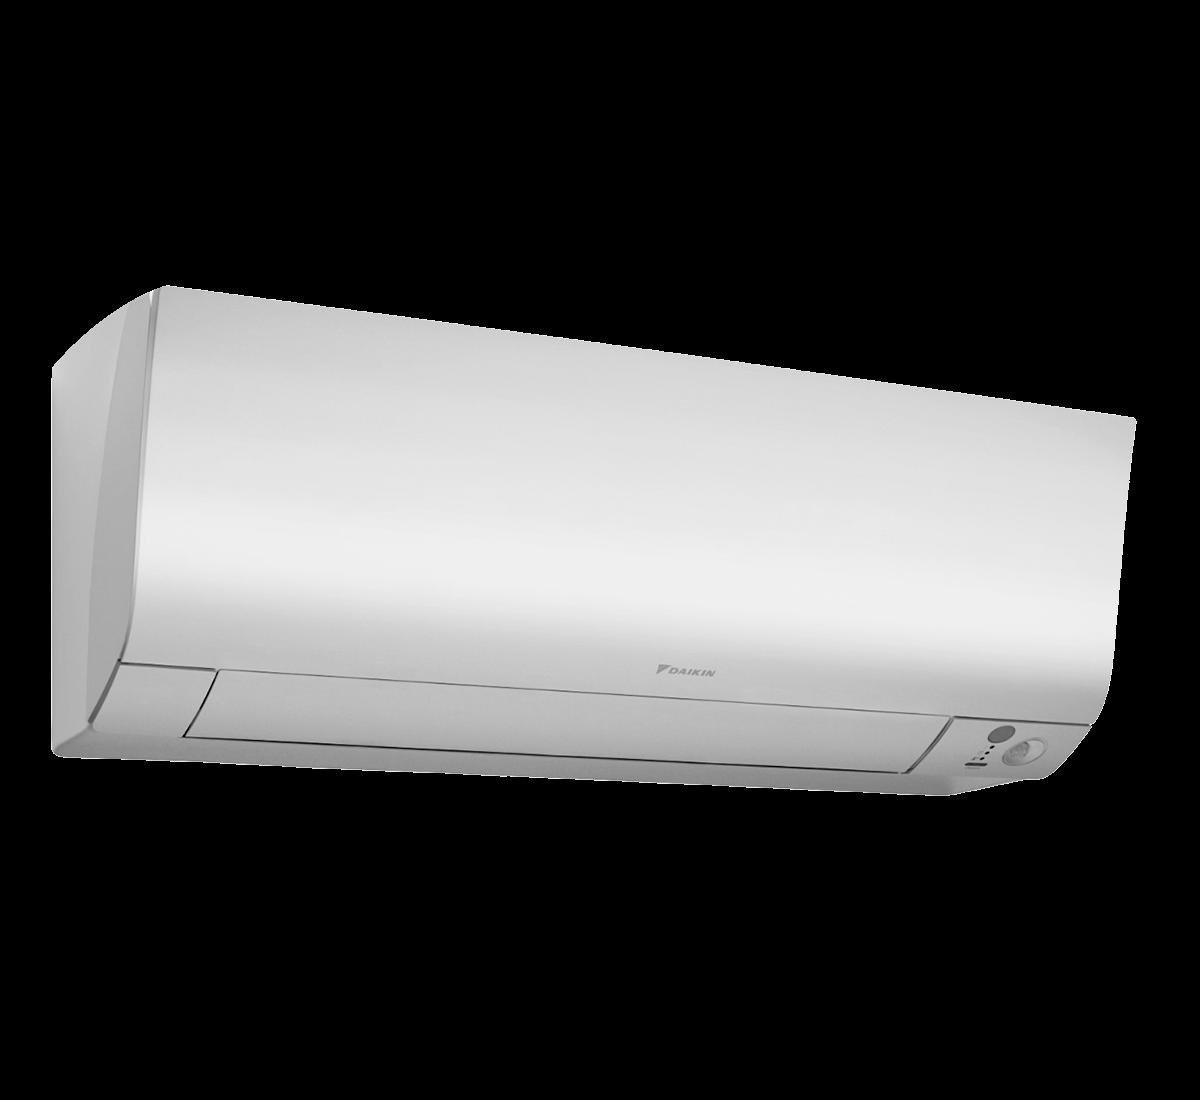 aire acondicionado unidad interior daikin inverter bluevolution ftxm25n modelo perfera txm25n instalacion incluida caseragua 02